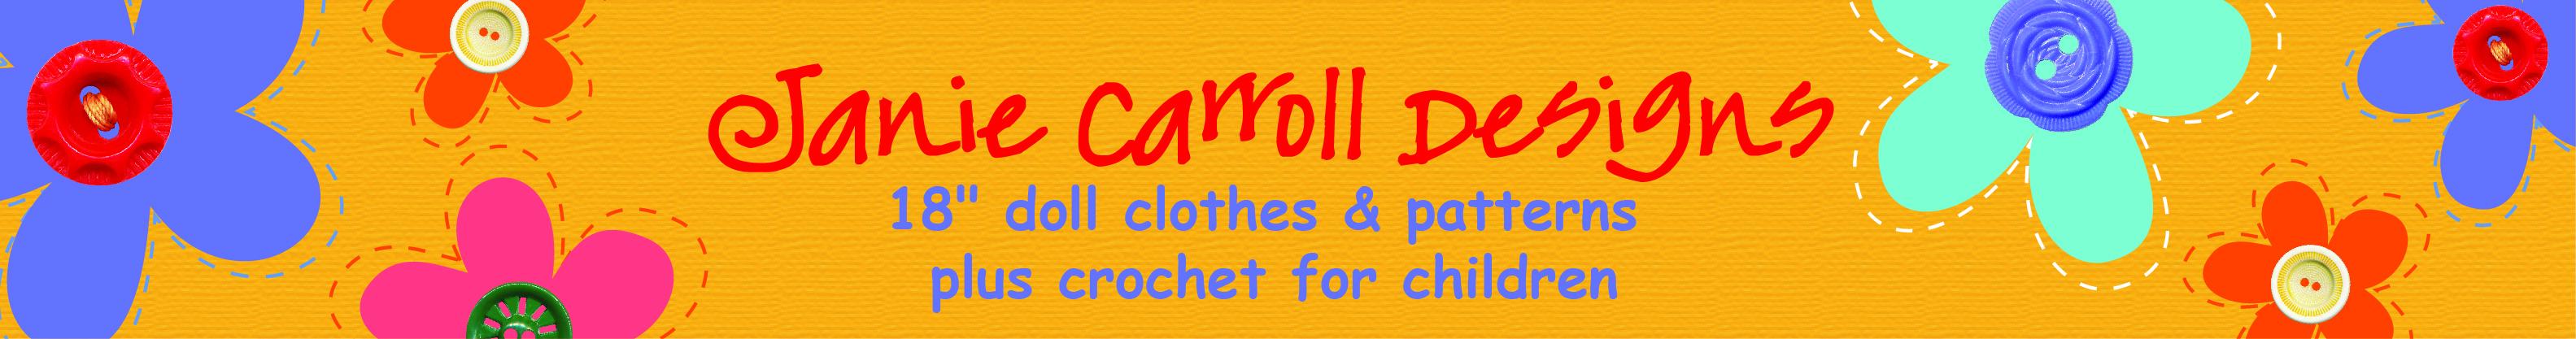 Janie Carroll Designs Blog